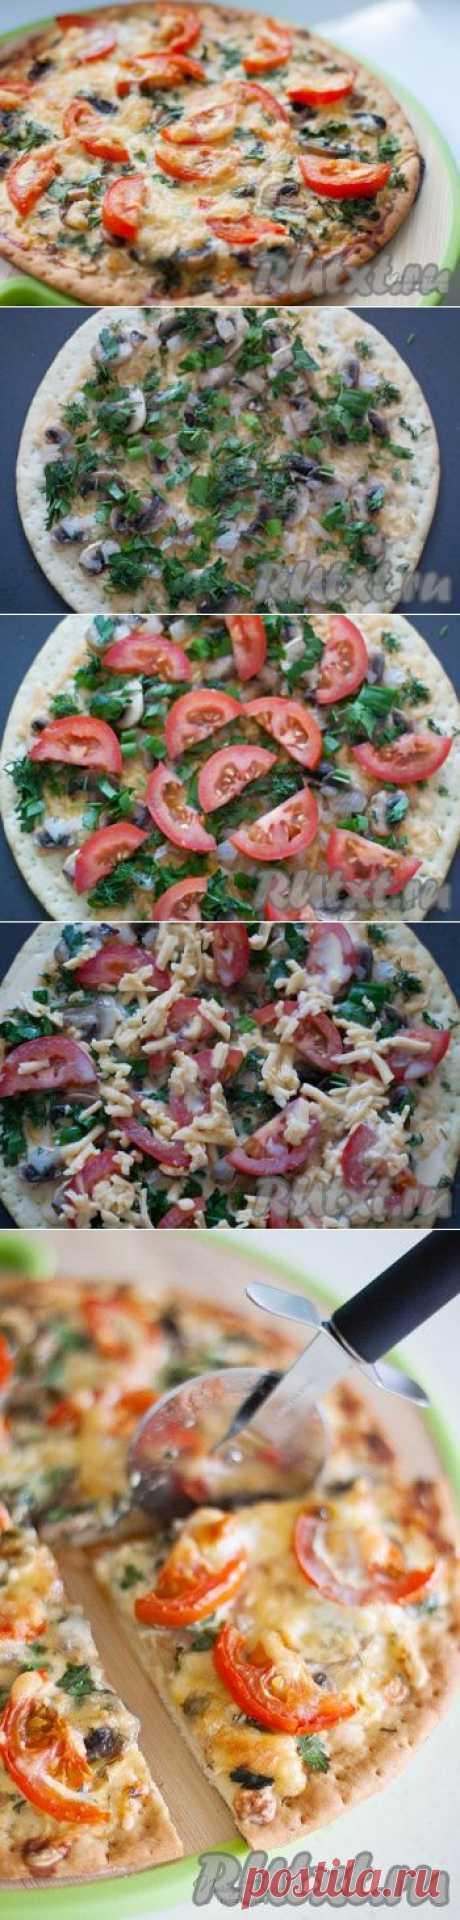 Пицца по-французски (рецепт с фото) | RUtxt.ru